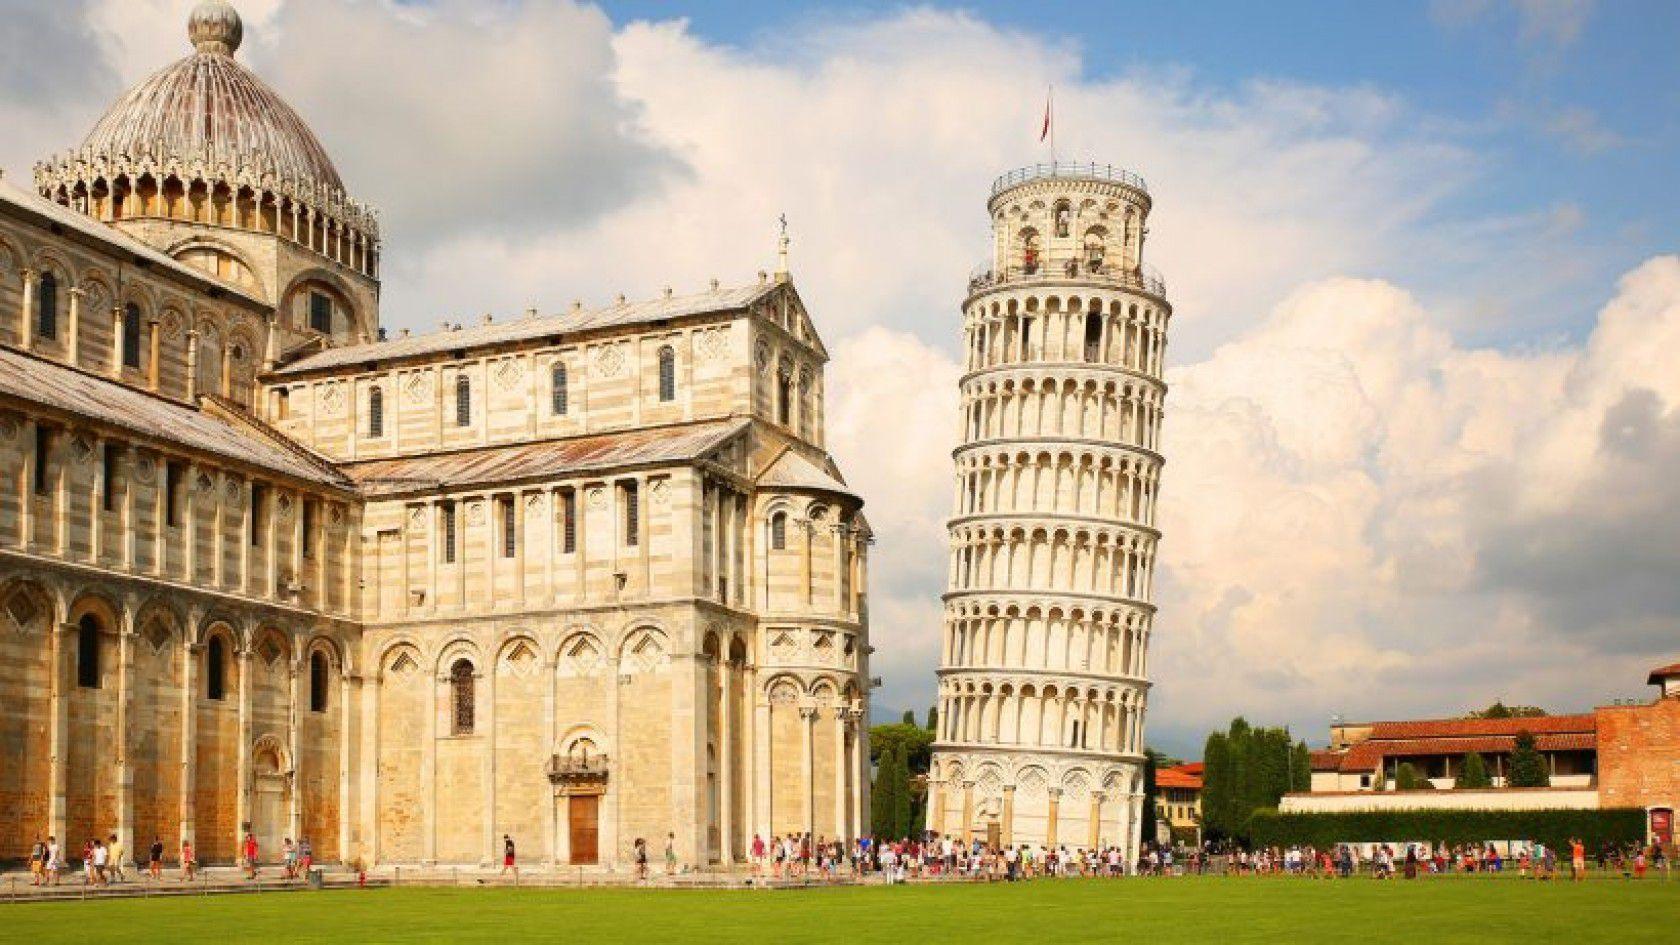 İtalya'da Eğitim Almak İçin Verilen Burslar